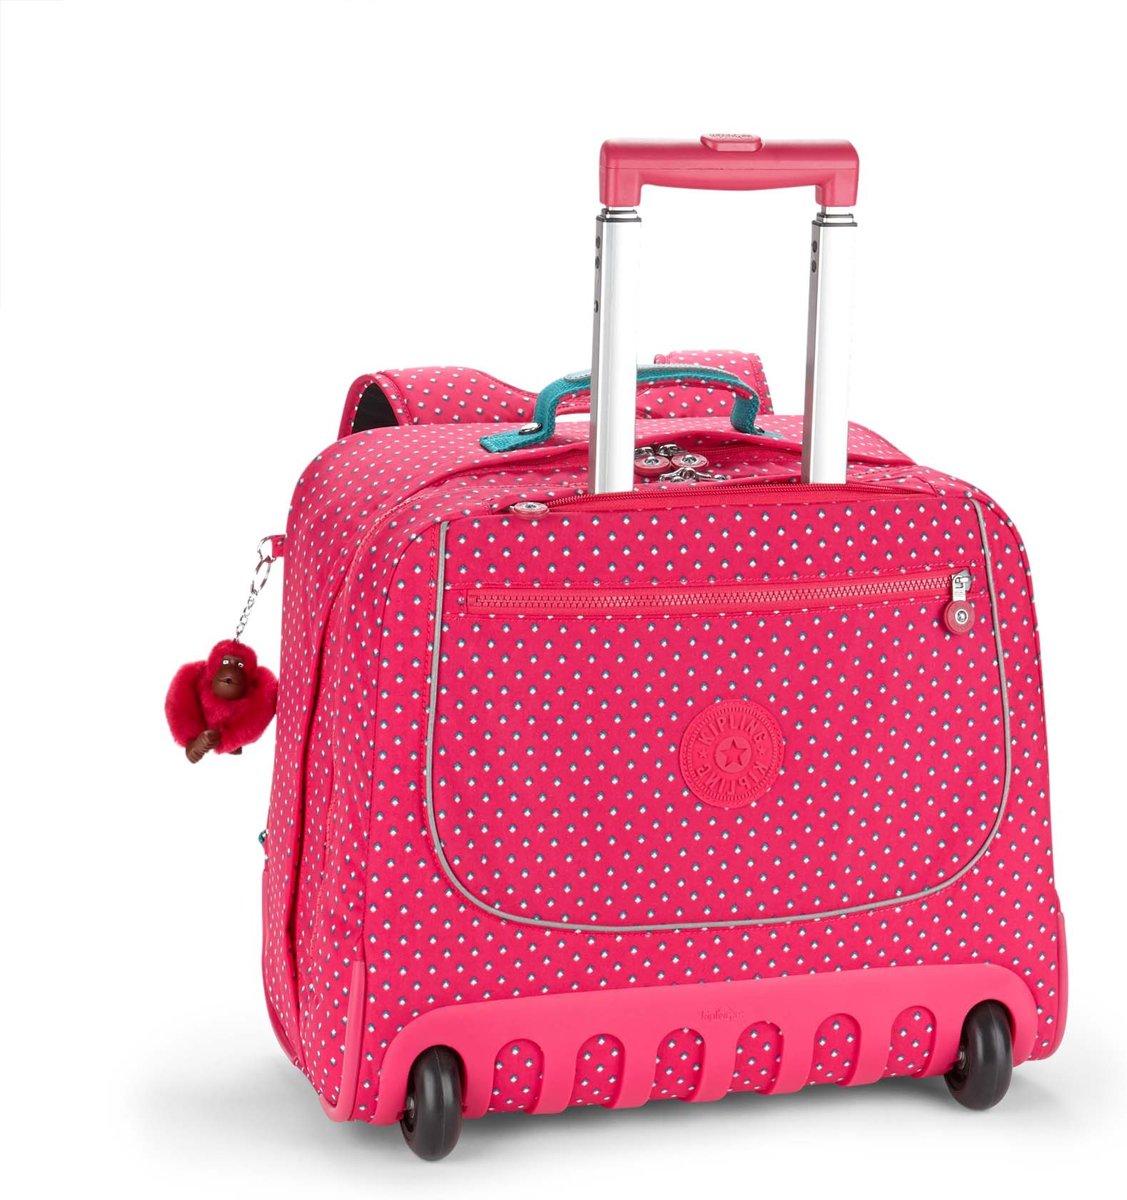 Kipling Clas Dallin - Rugzaktrolley - Pink Summer Pop kopen